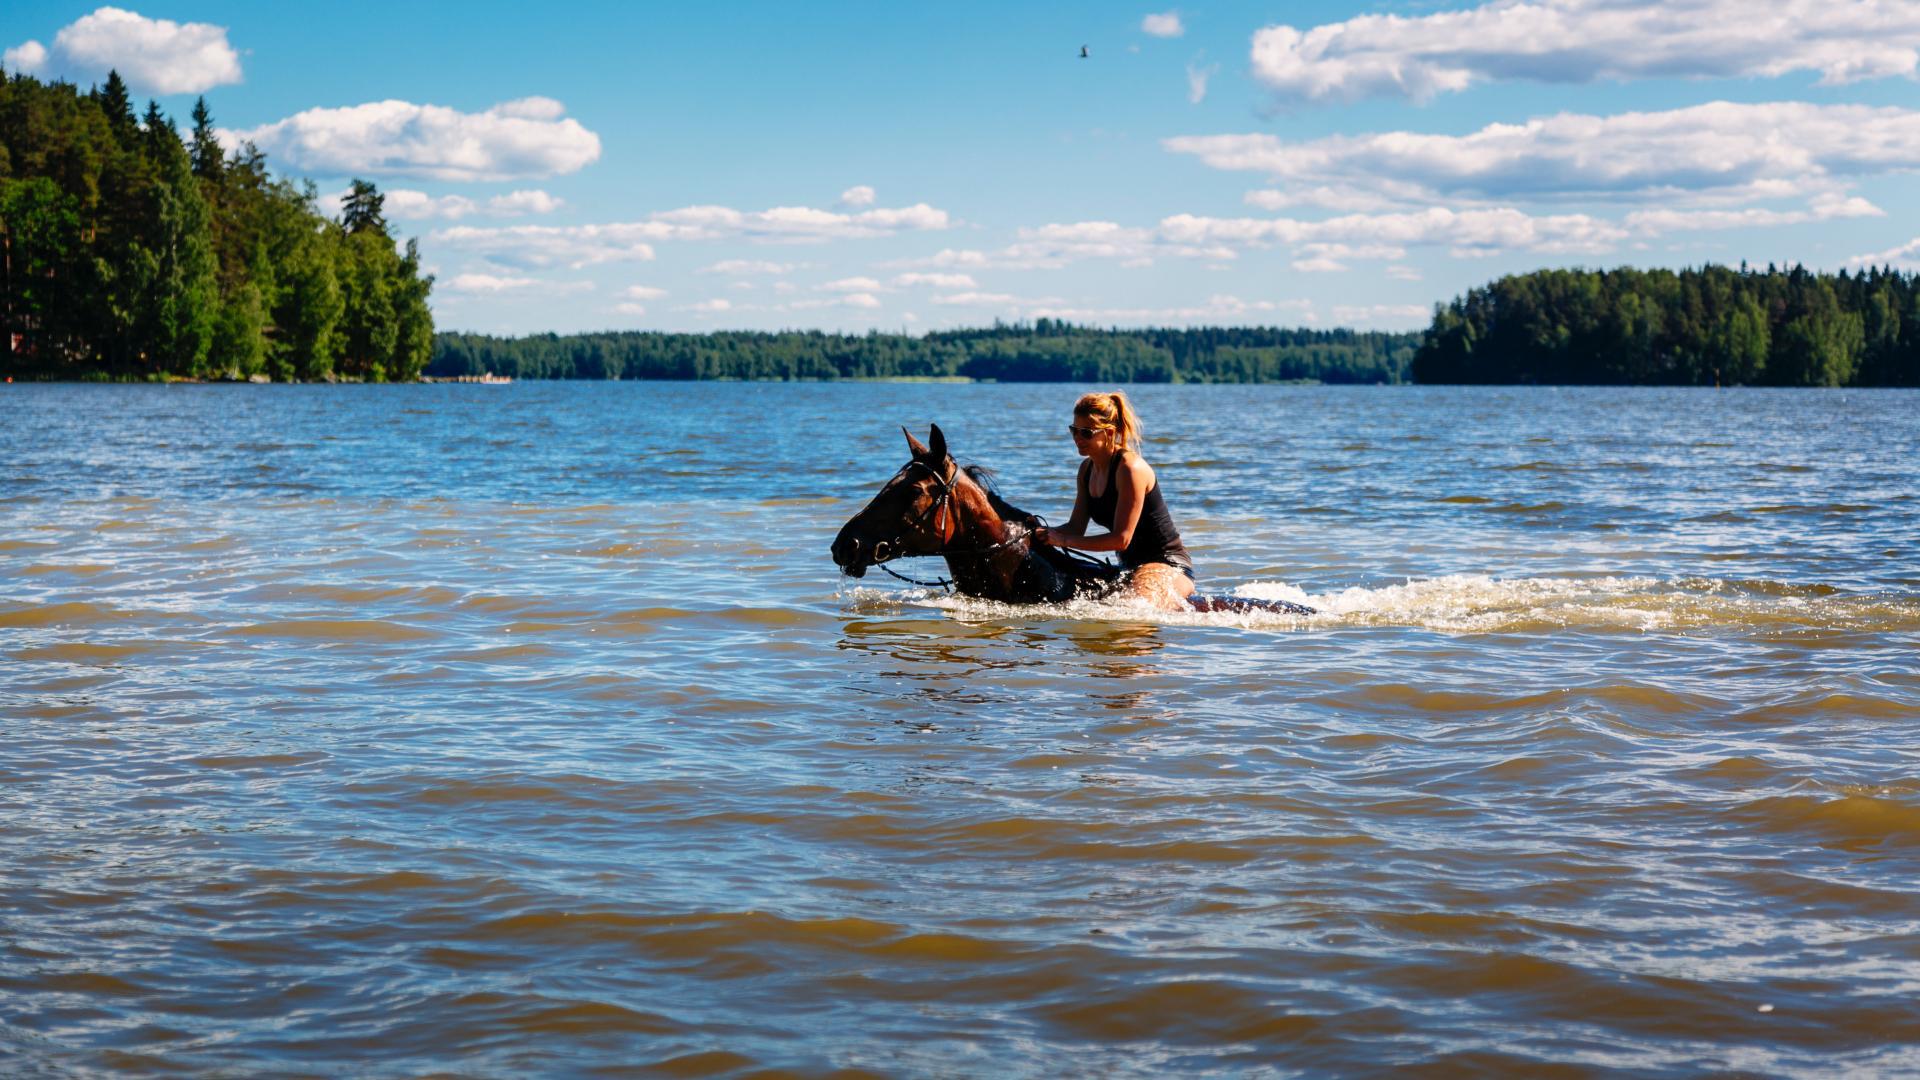 nainen ratsastaa hevosella vedessä